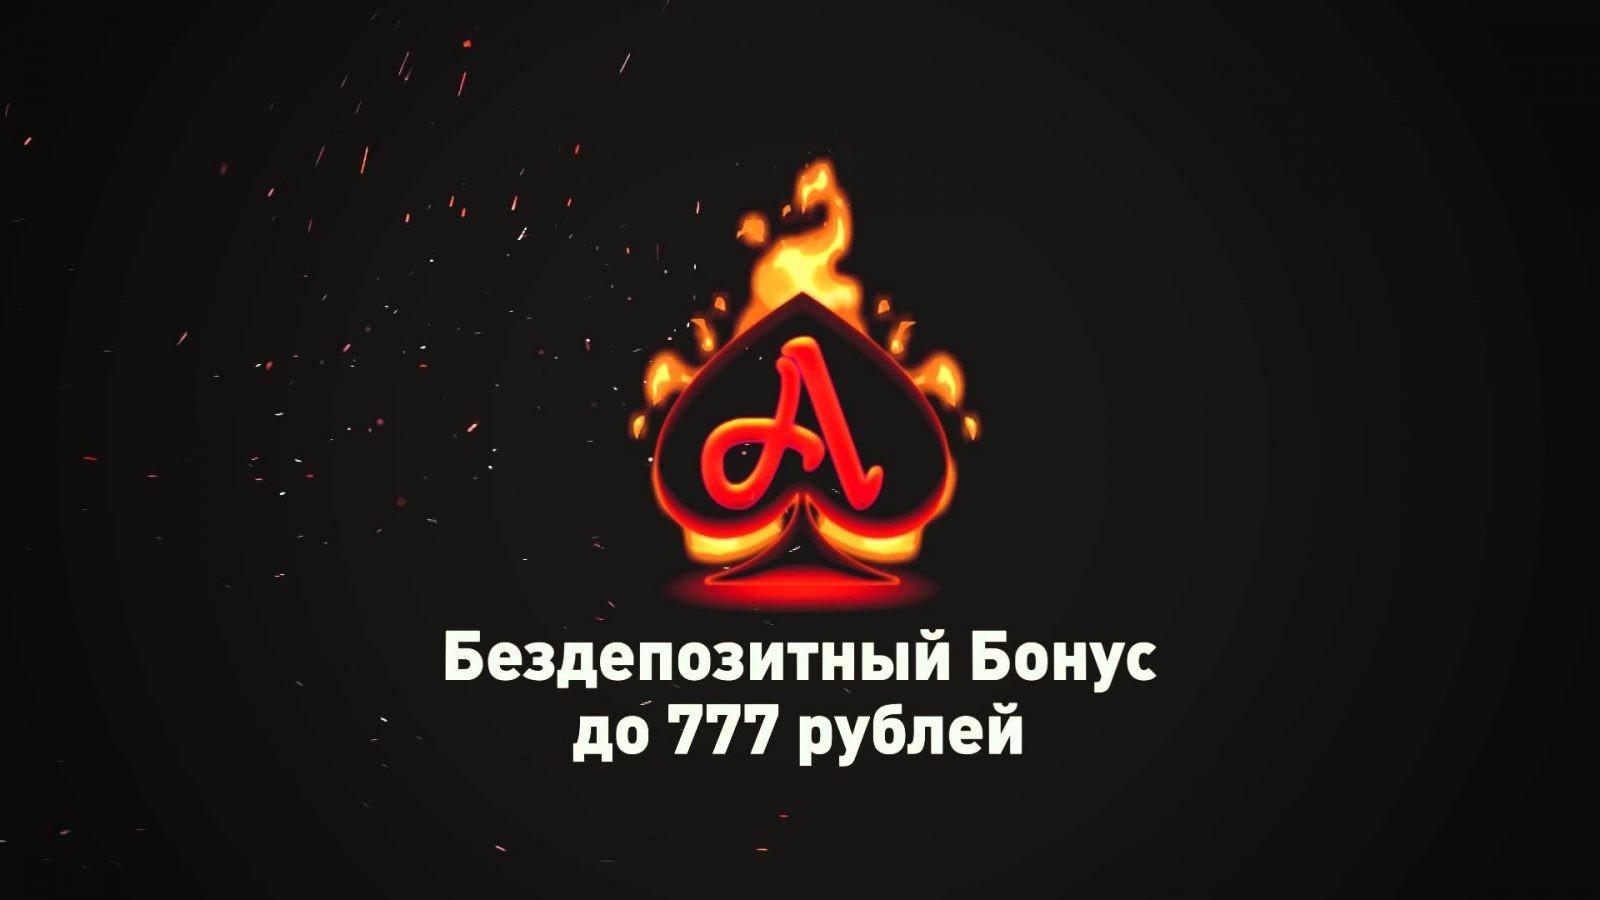 azino mobile777 com